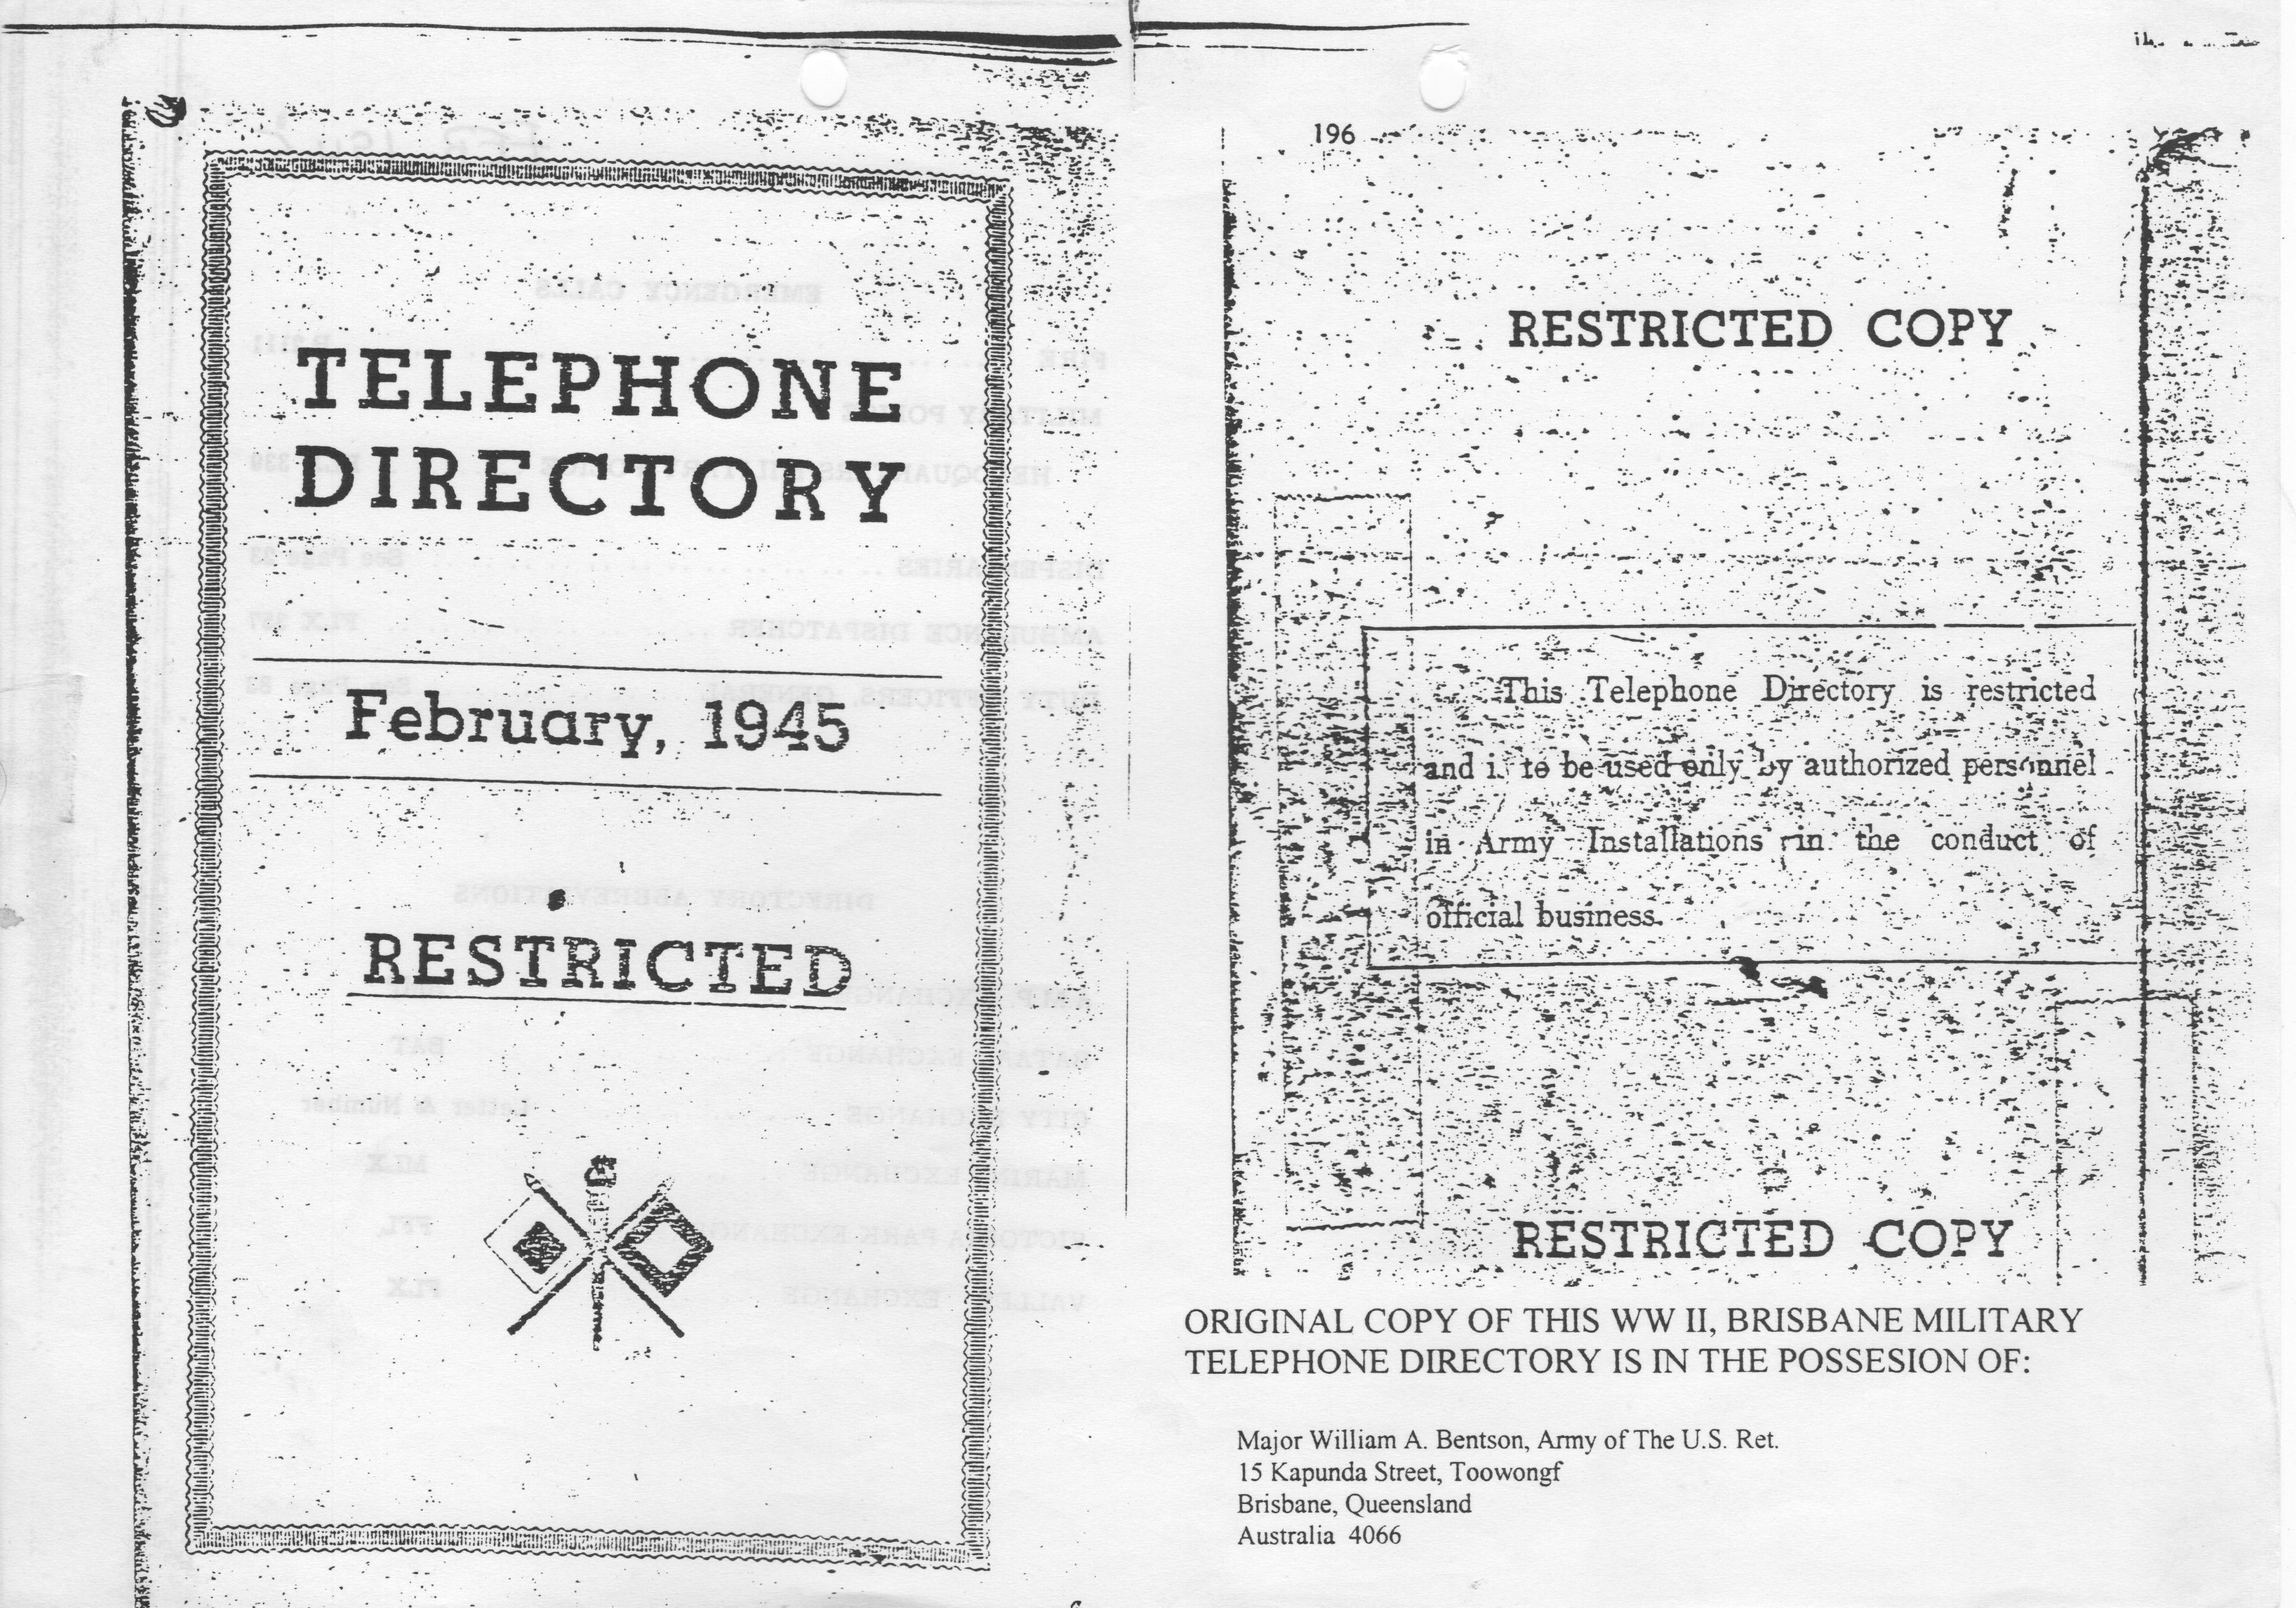 Brisbane Wwii Military Telephone Directory